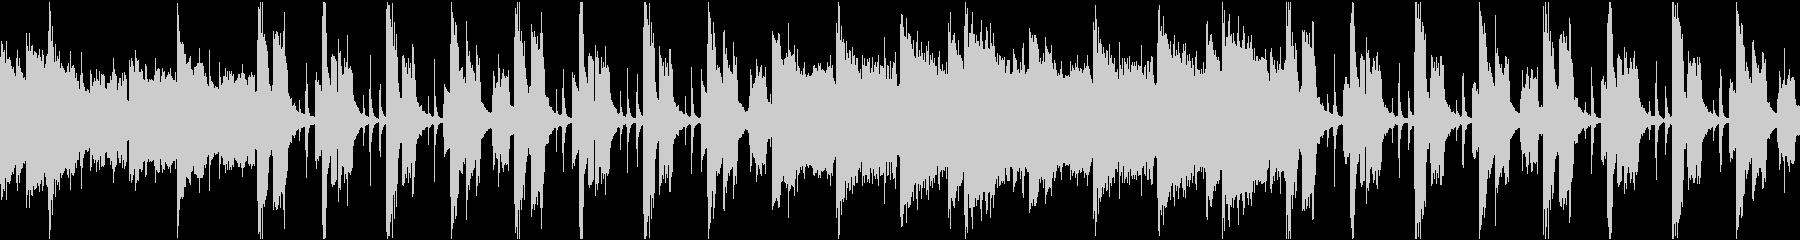 ゆったりコミカル/静かめカラオケ/ループの未再生の波形